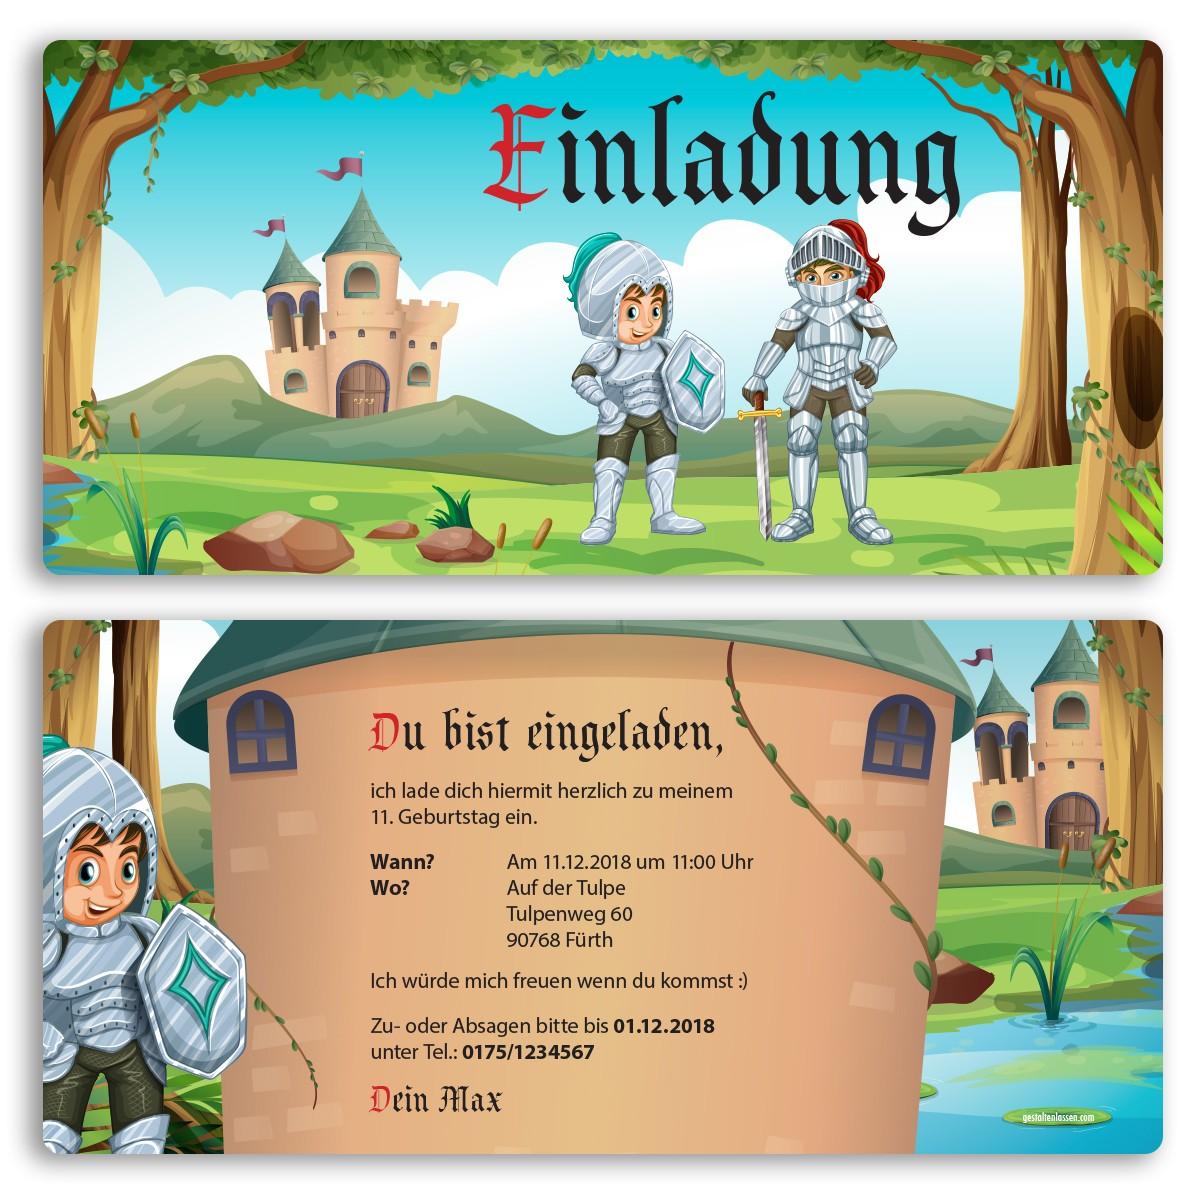 Einladungskarten Kindergeburtstag Einladungskarten: Einladungen Im Ritter Design Ab 65 Cent / Einladung